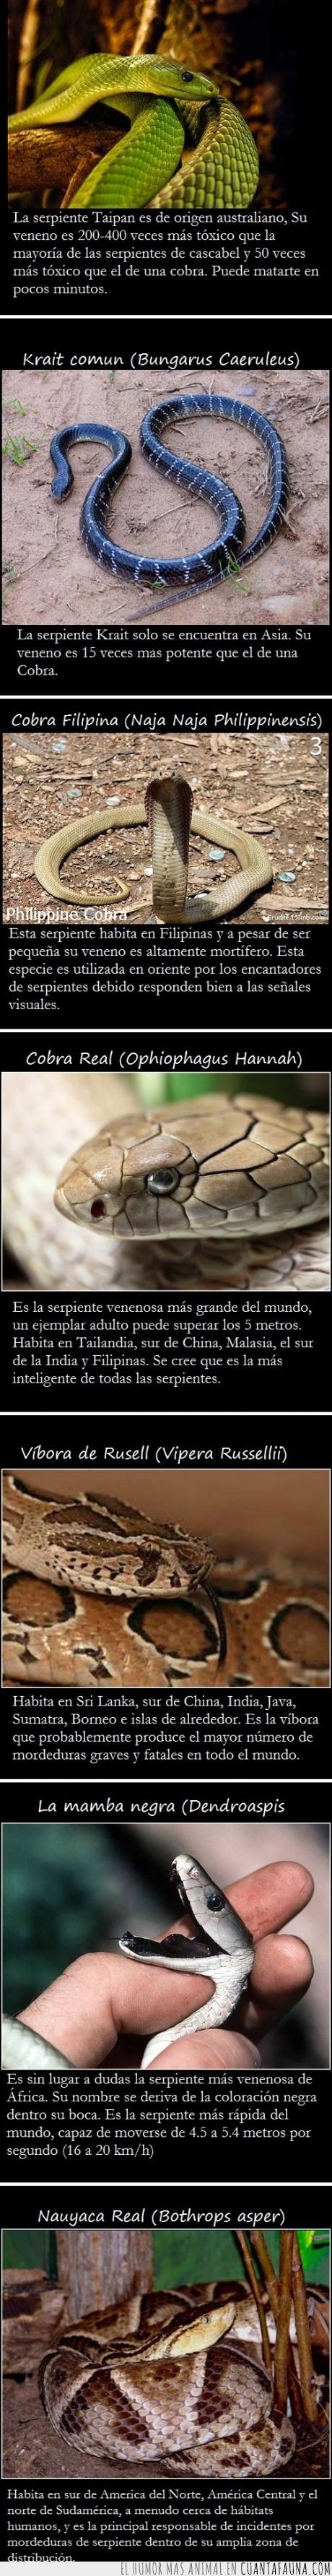 Cobra,Krait,Mamba,Nauyaca,Rusell,Serpientes,Taipan